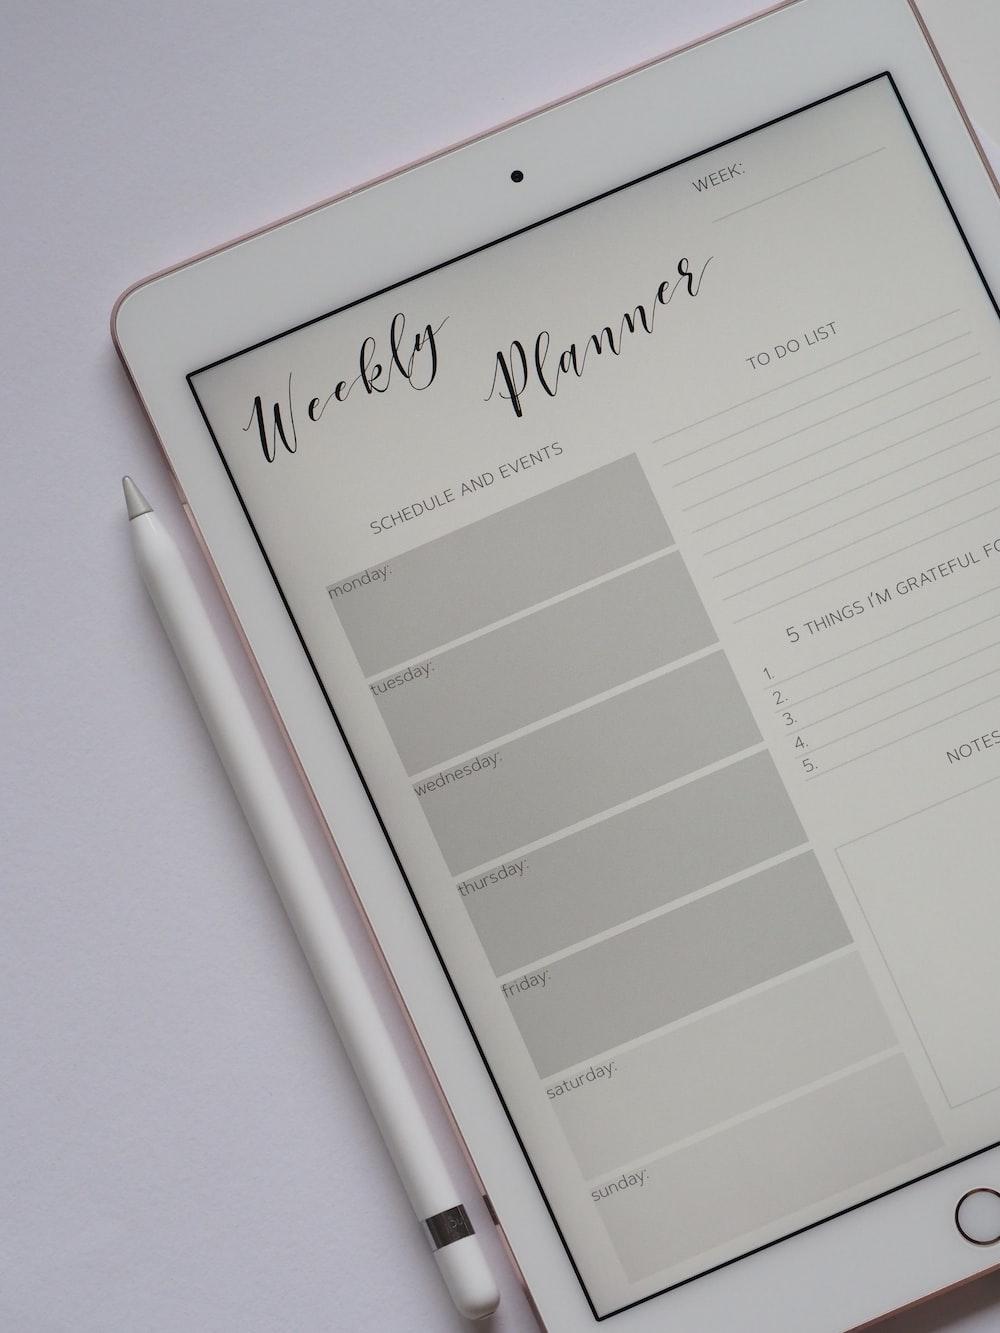 Fotografía laica plana del iPad plateado encendido junto al Apple Pencil